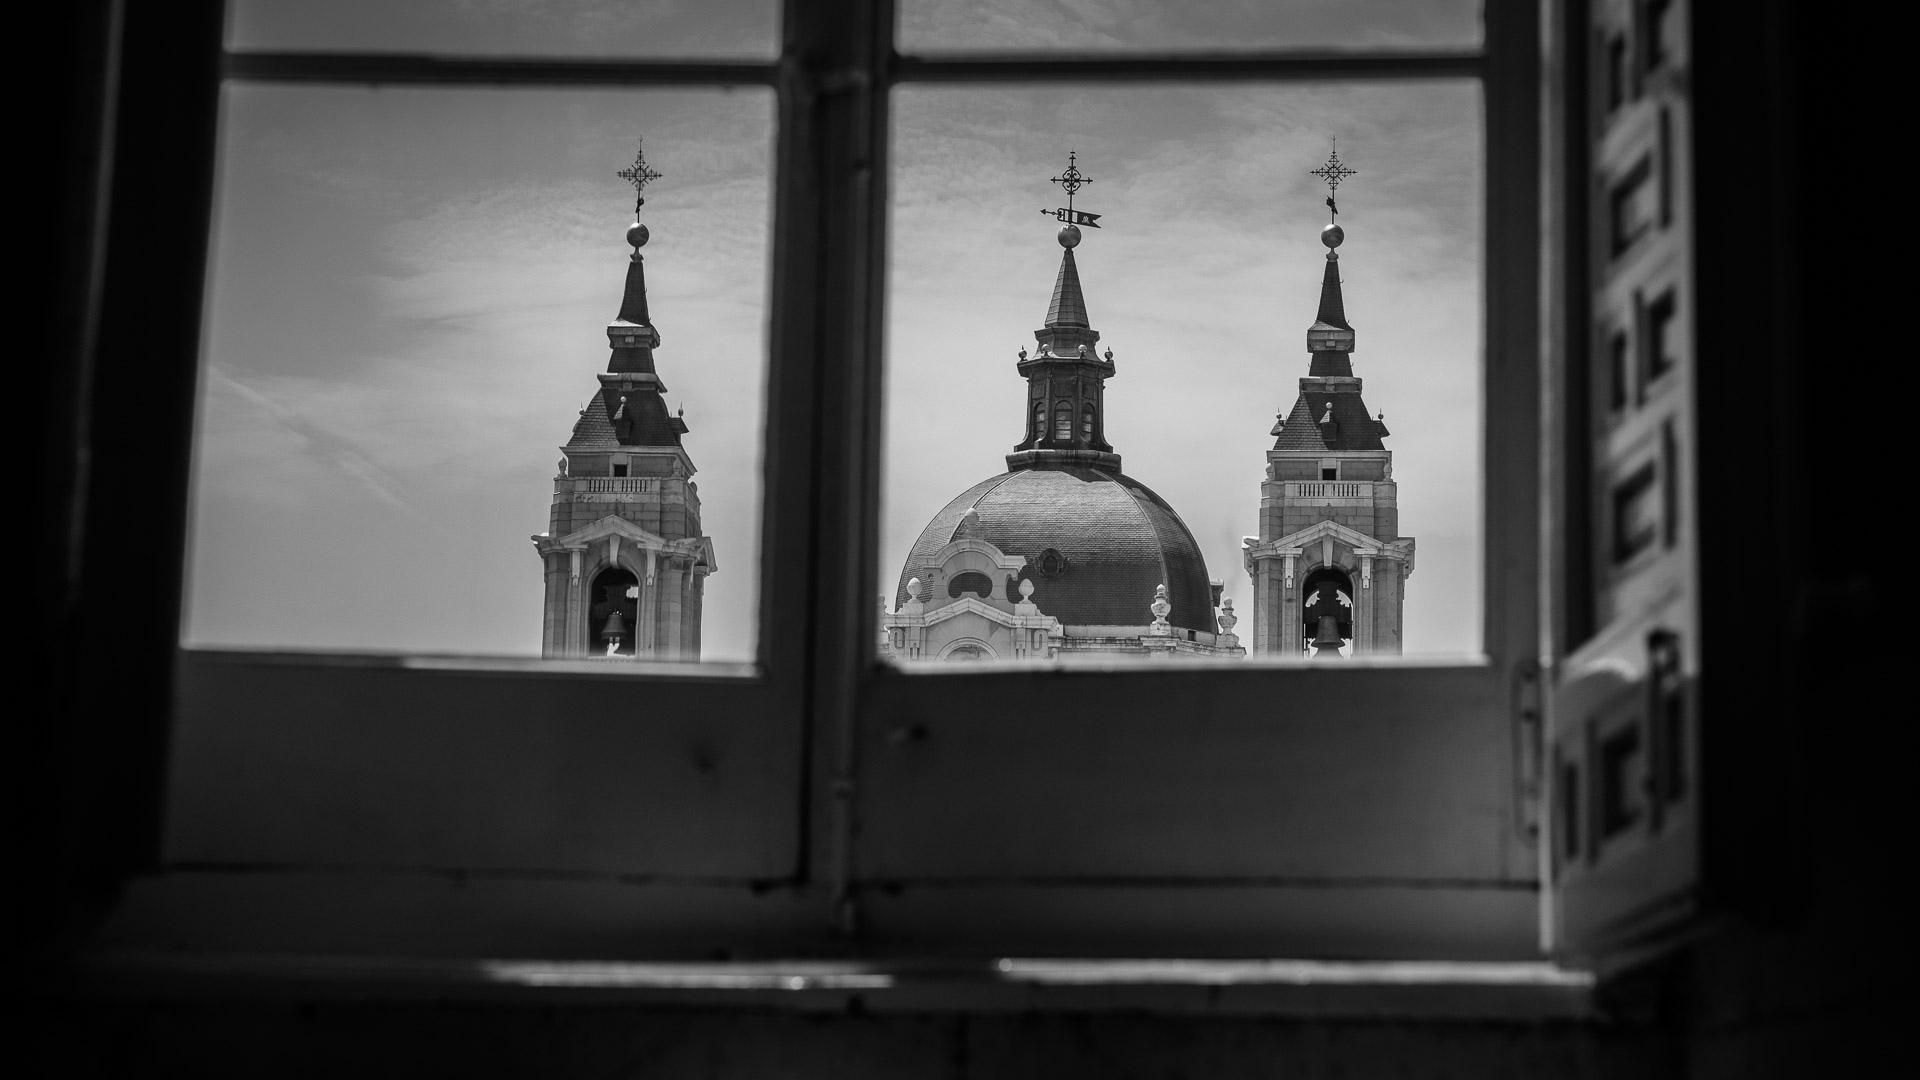 160625-Spain-Madrid-53-1080.jpg